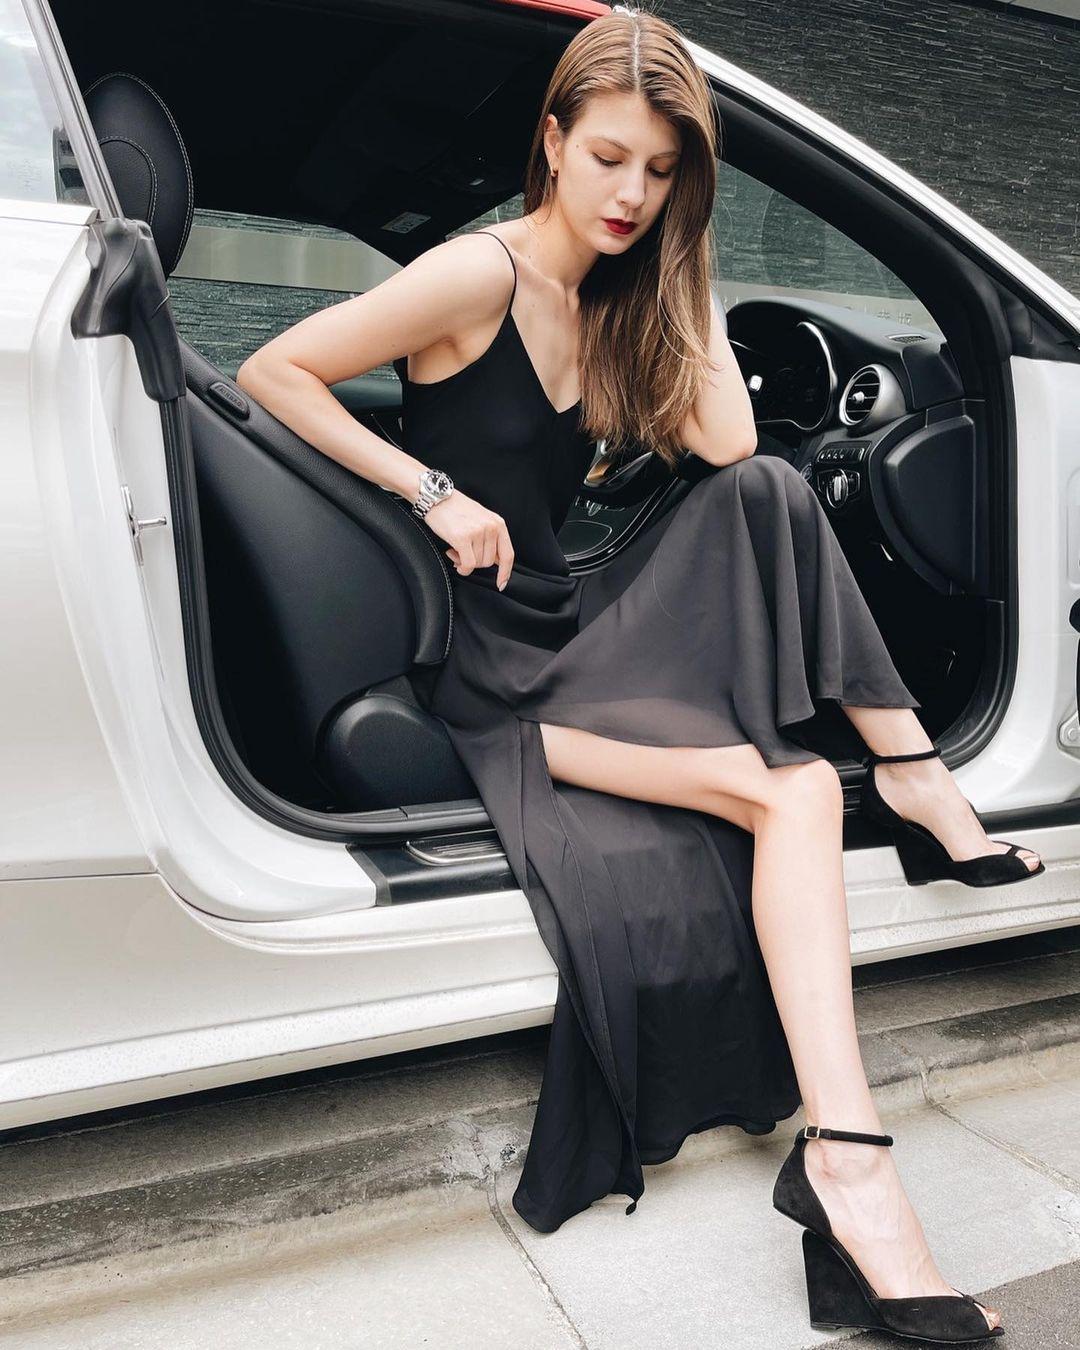 マギー「スタイル際立つ黒ドレス!」オトナな美脚でファン魅了【画像5枚】の画像004